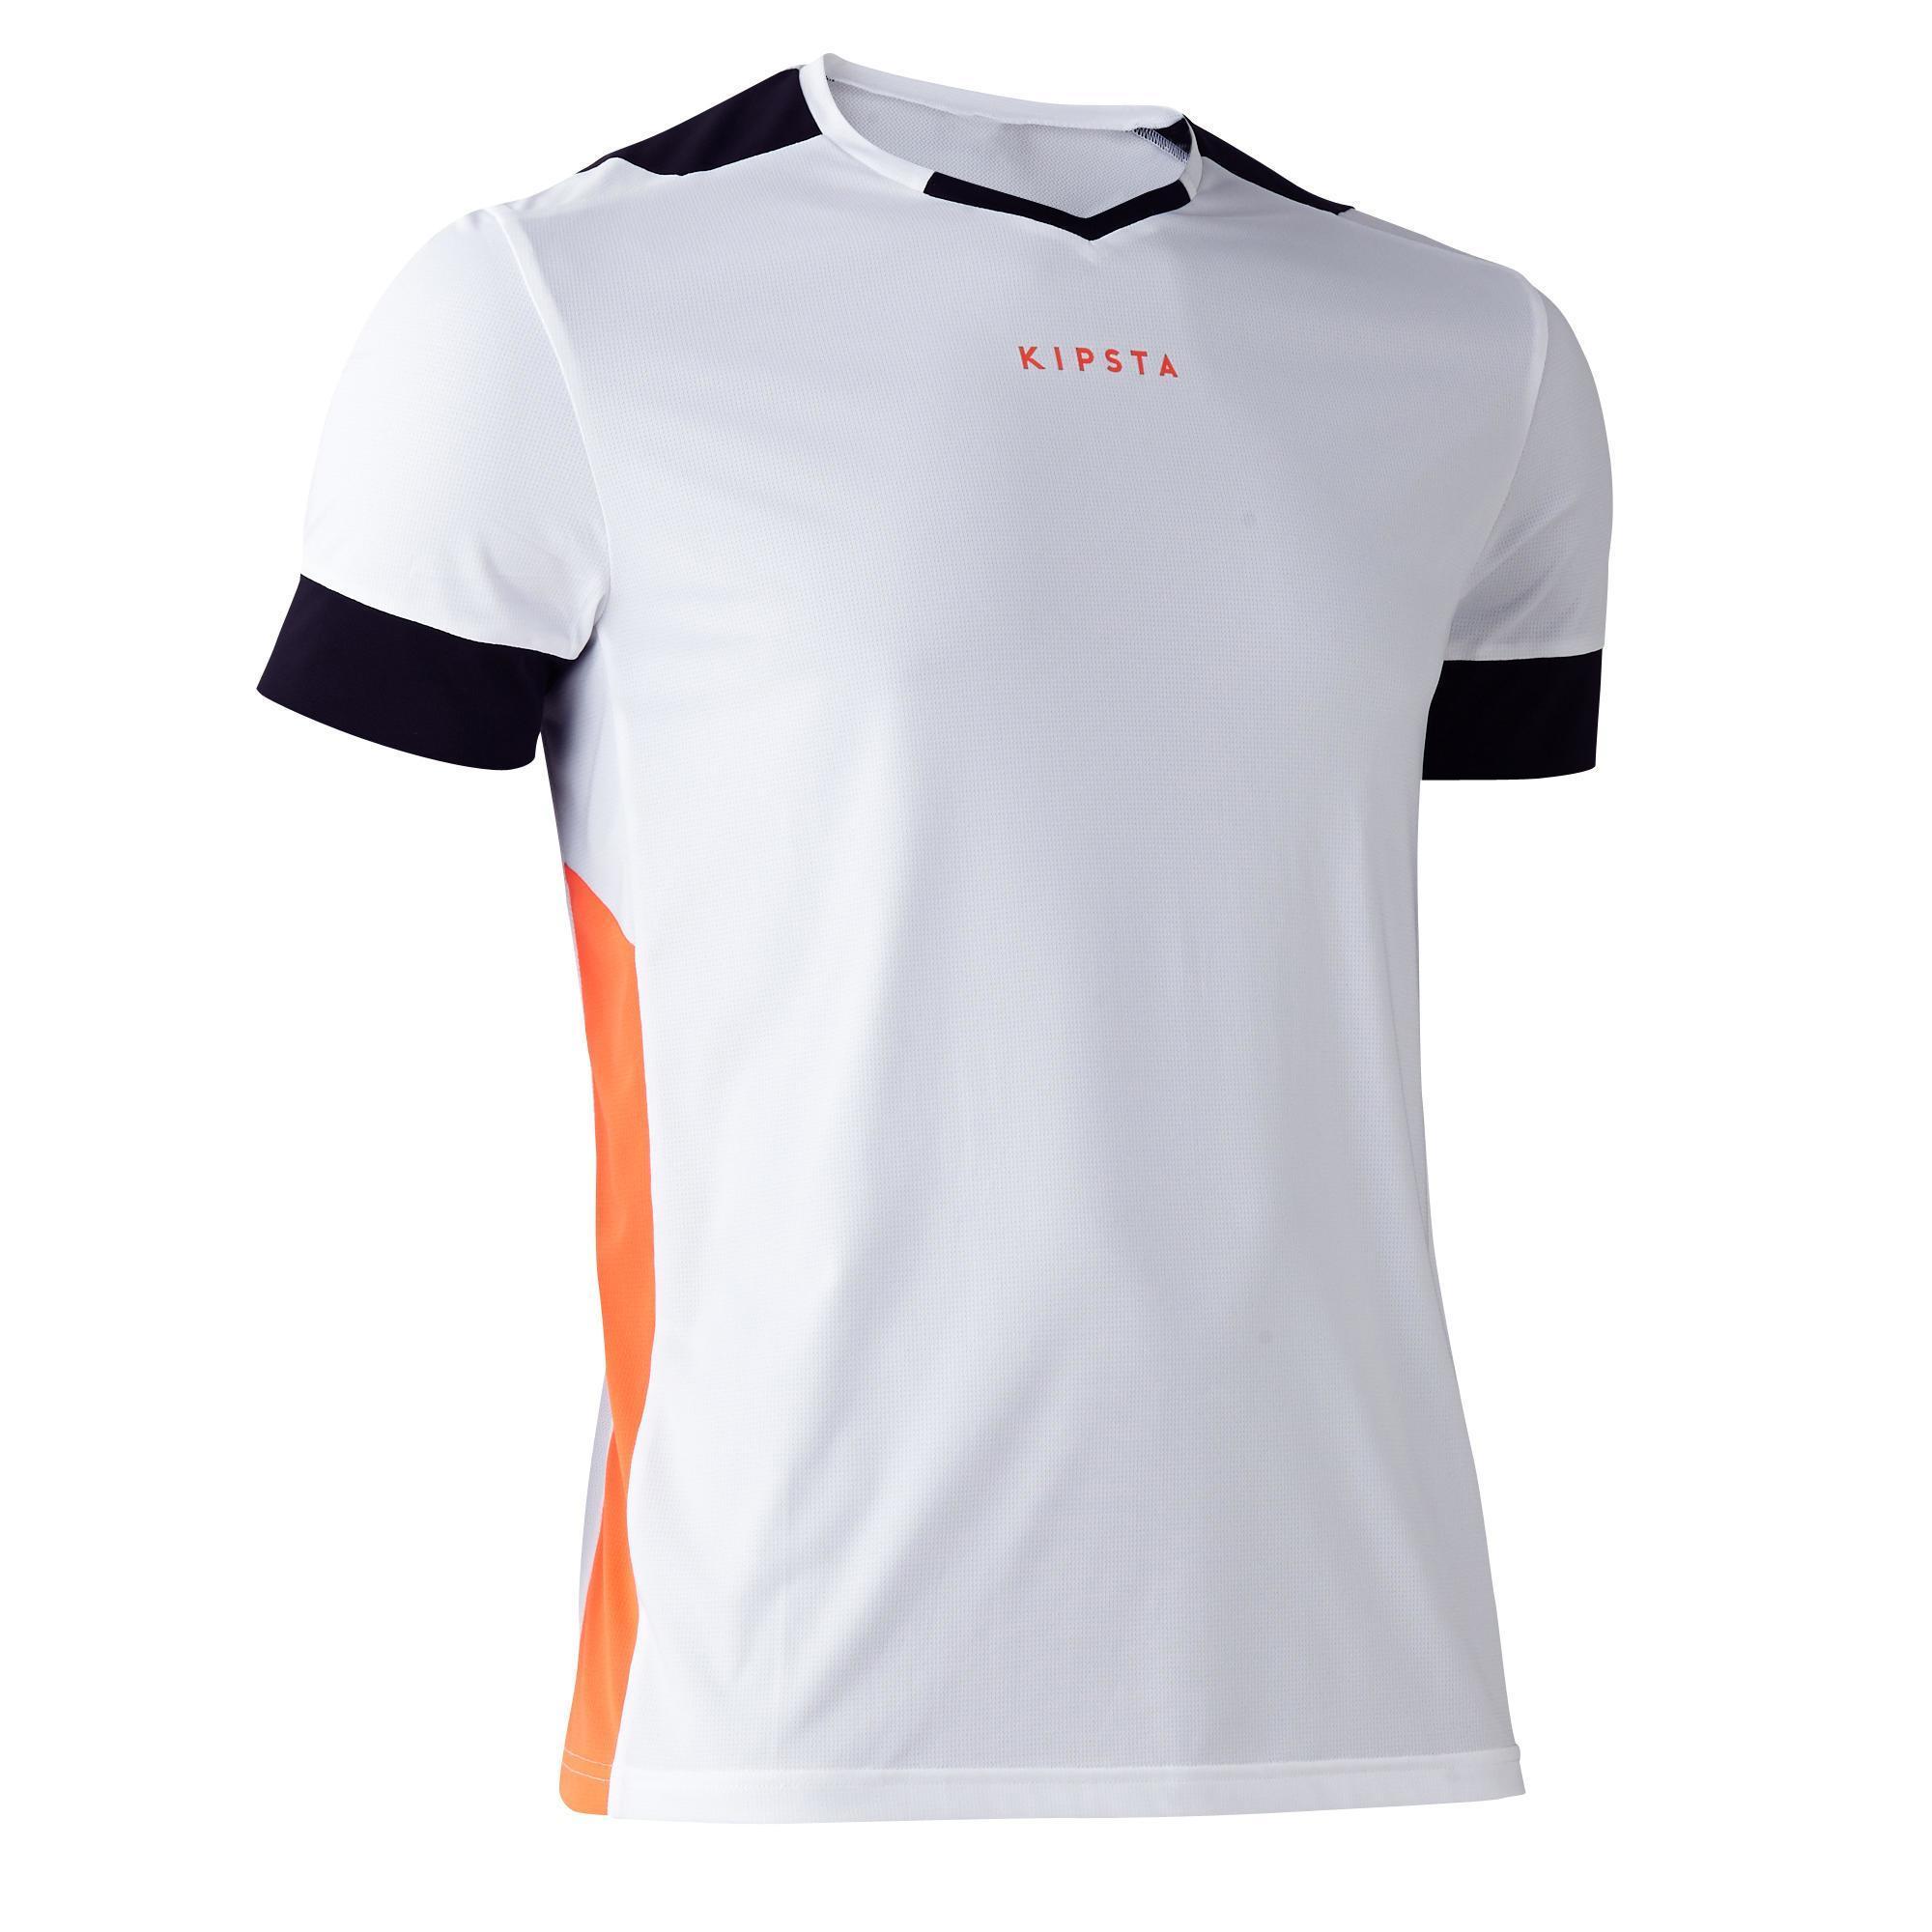 Kipsta Voetbalshirt F500 voor volwassenen